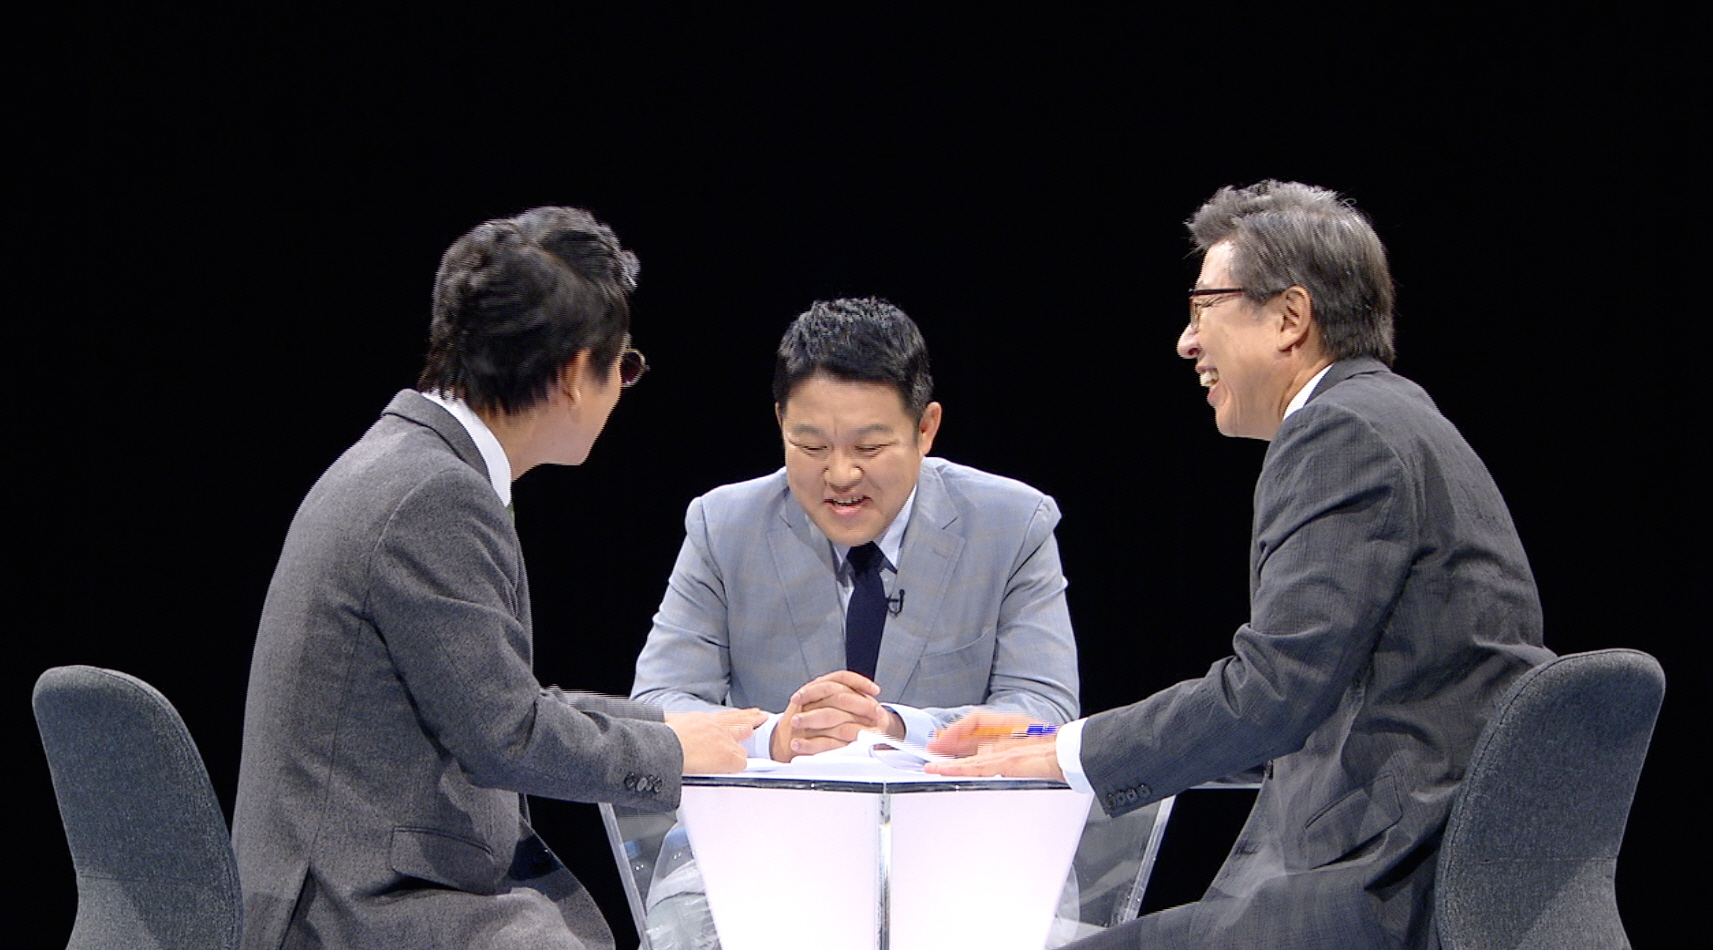 <썰전> 10월 한국인이 좋아하는 TV프로그램 1위! <무한도전> 장기 결방 여파